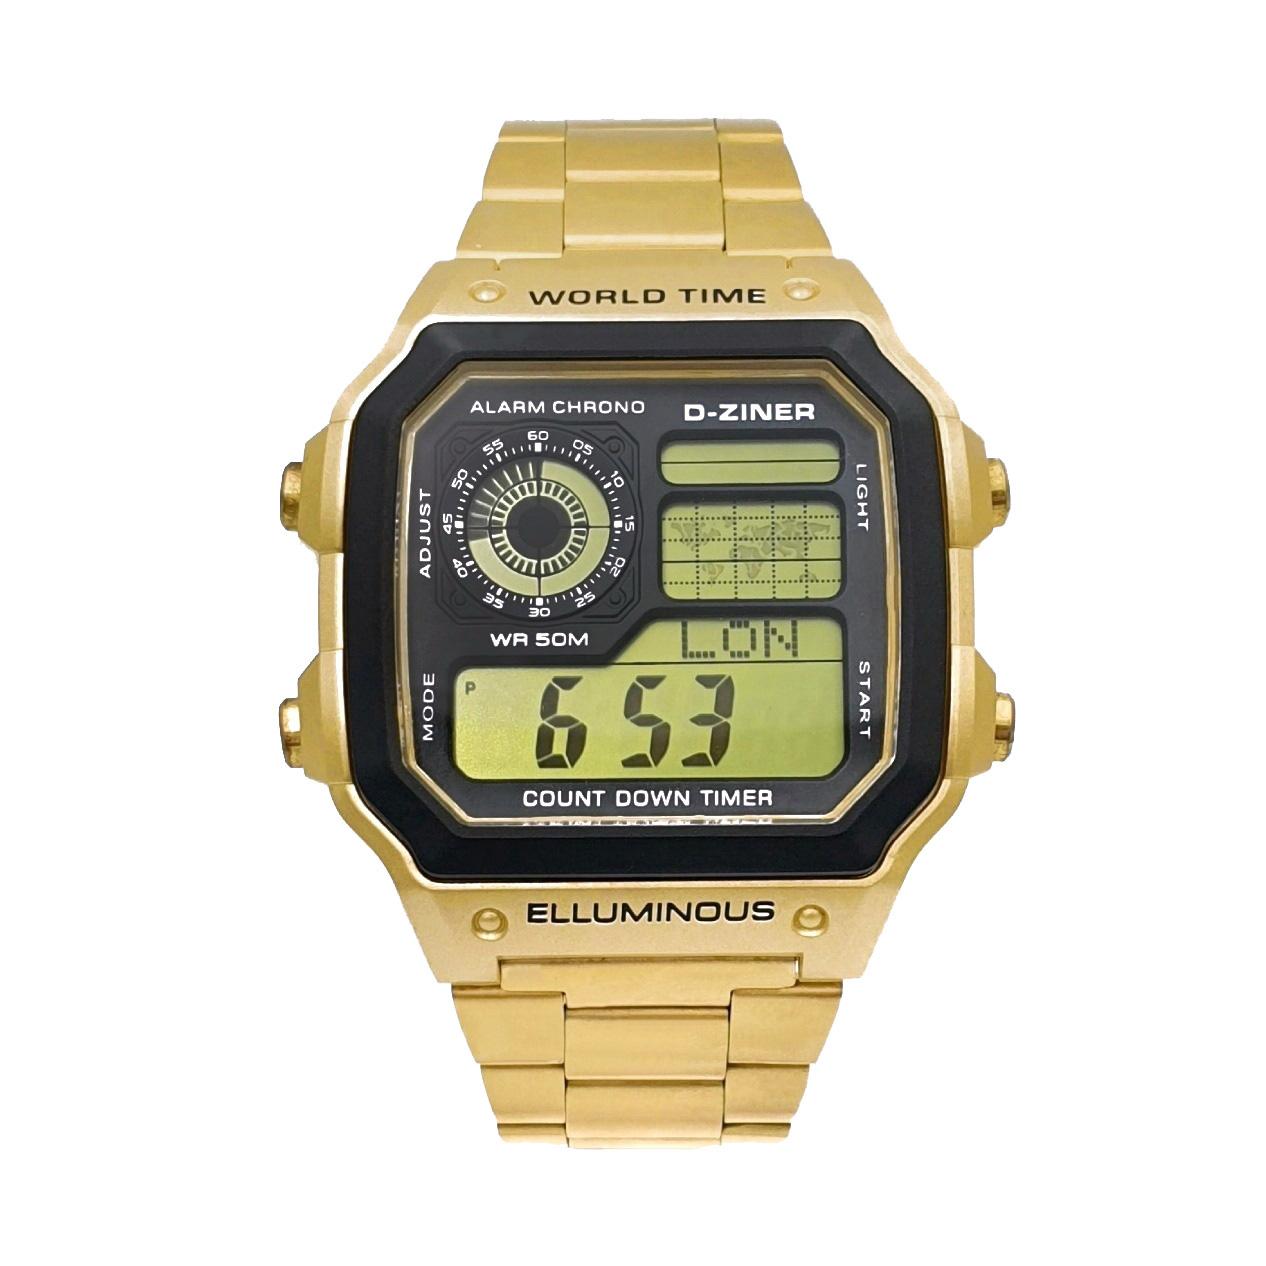 ساعت مچی دیجیتال مردانه دیزاینر مدل 8058             قیمت